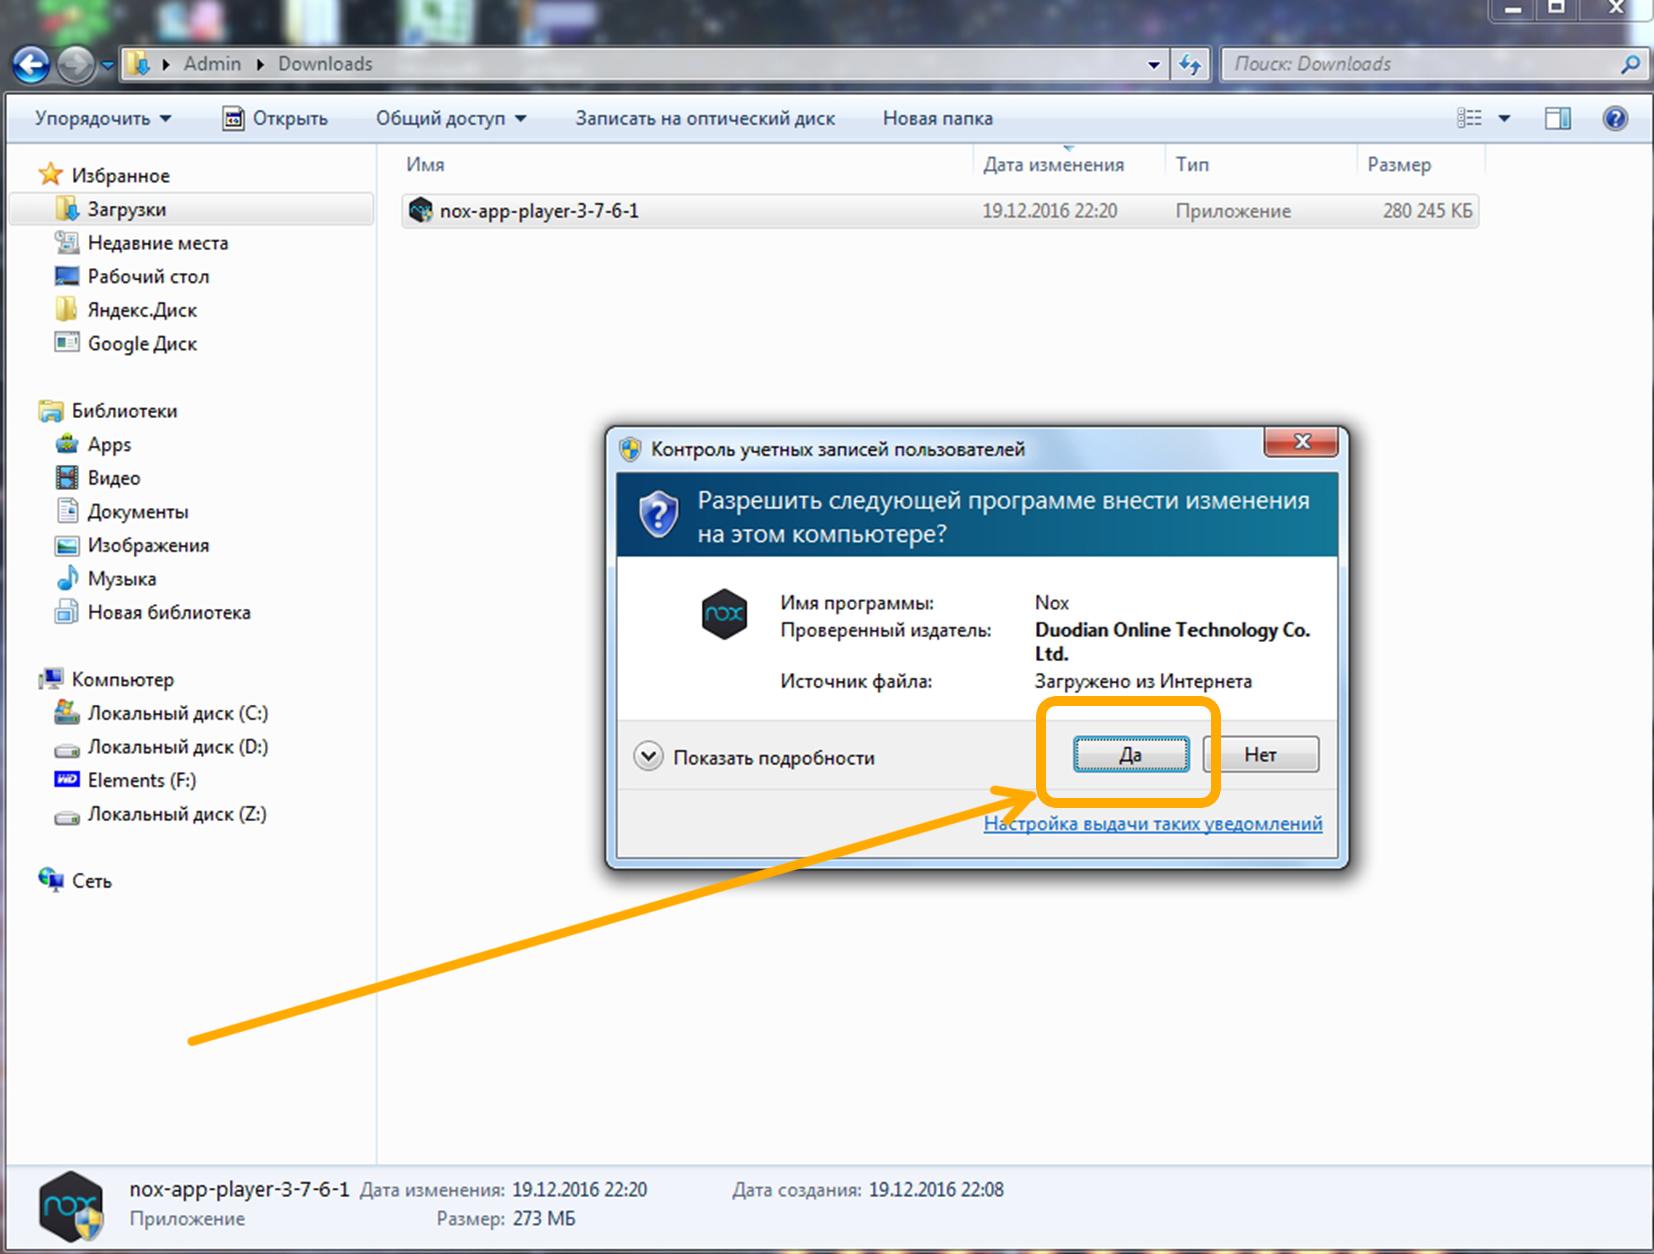 Всплывающее окно системы безопасности компьютера, где нужно согласиться с установкой эмулятора, для начала процесса распаковки файлов.